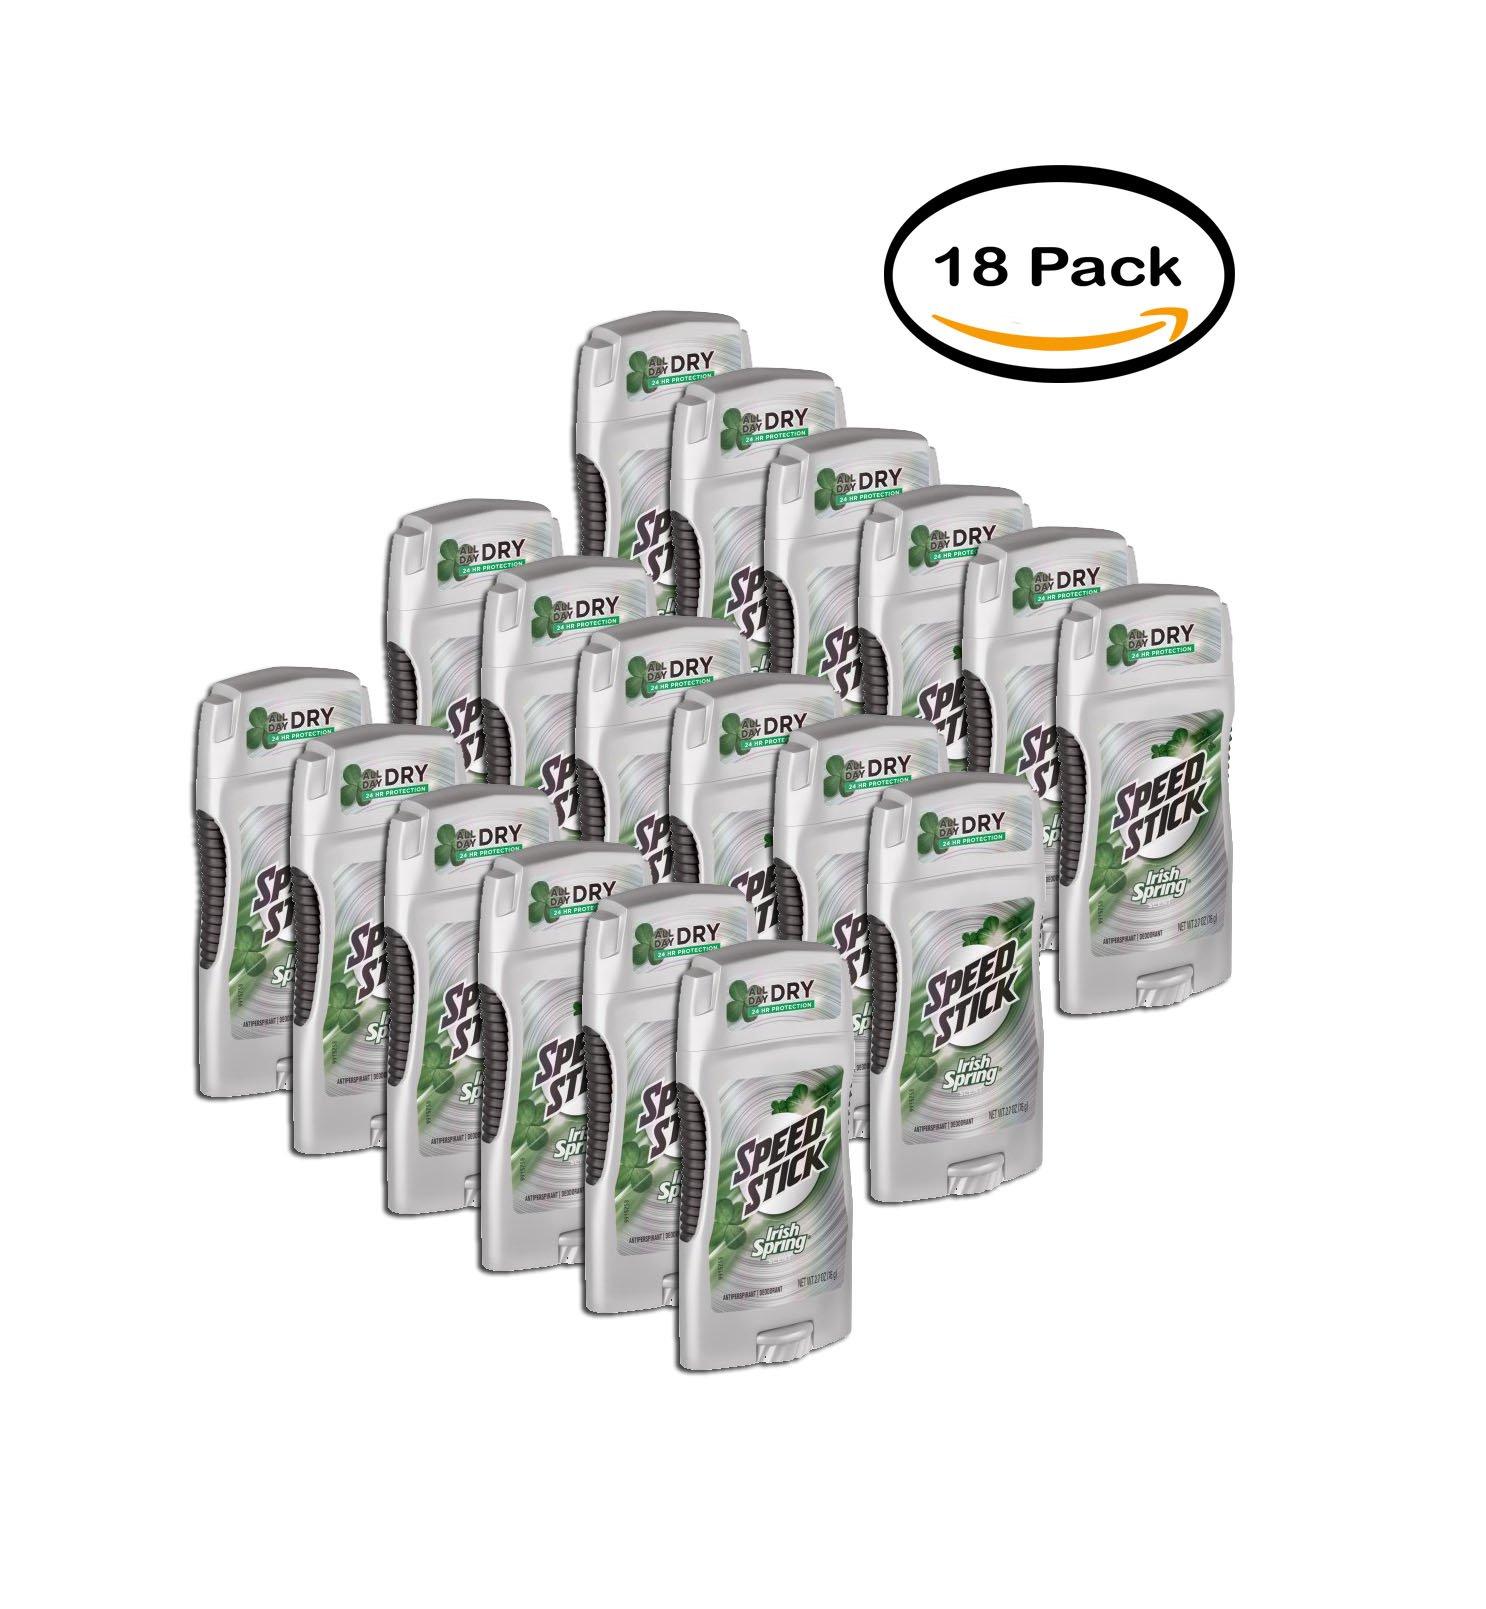 PACK OF 18 - Speed Stick Irish Spring Anti-Perspirant Deodorant, Original, 2.7 Oz